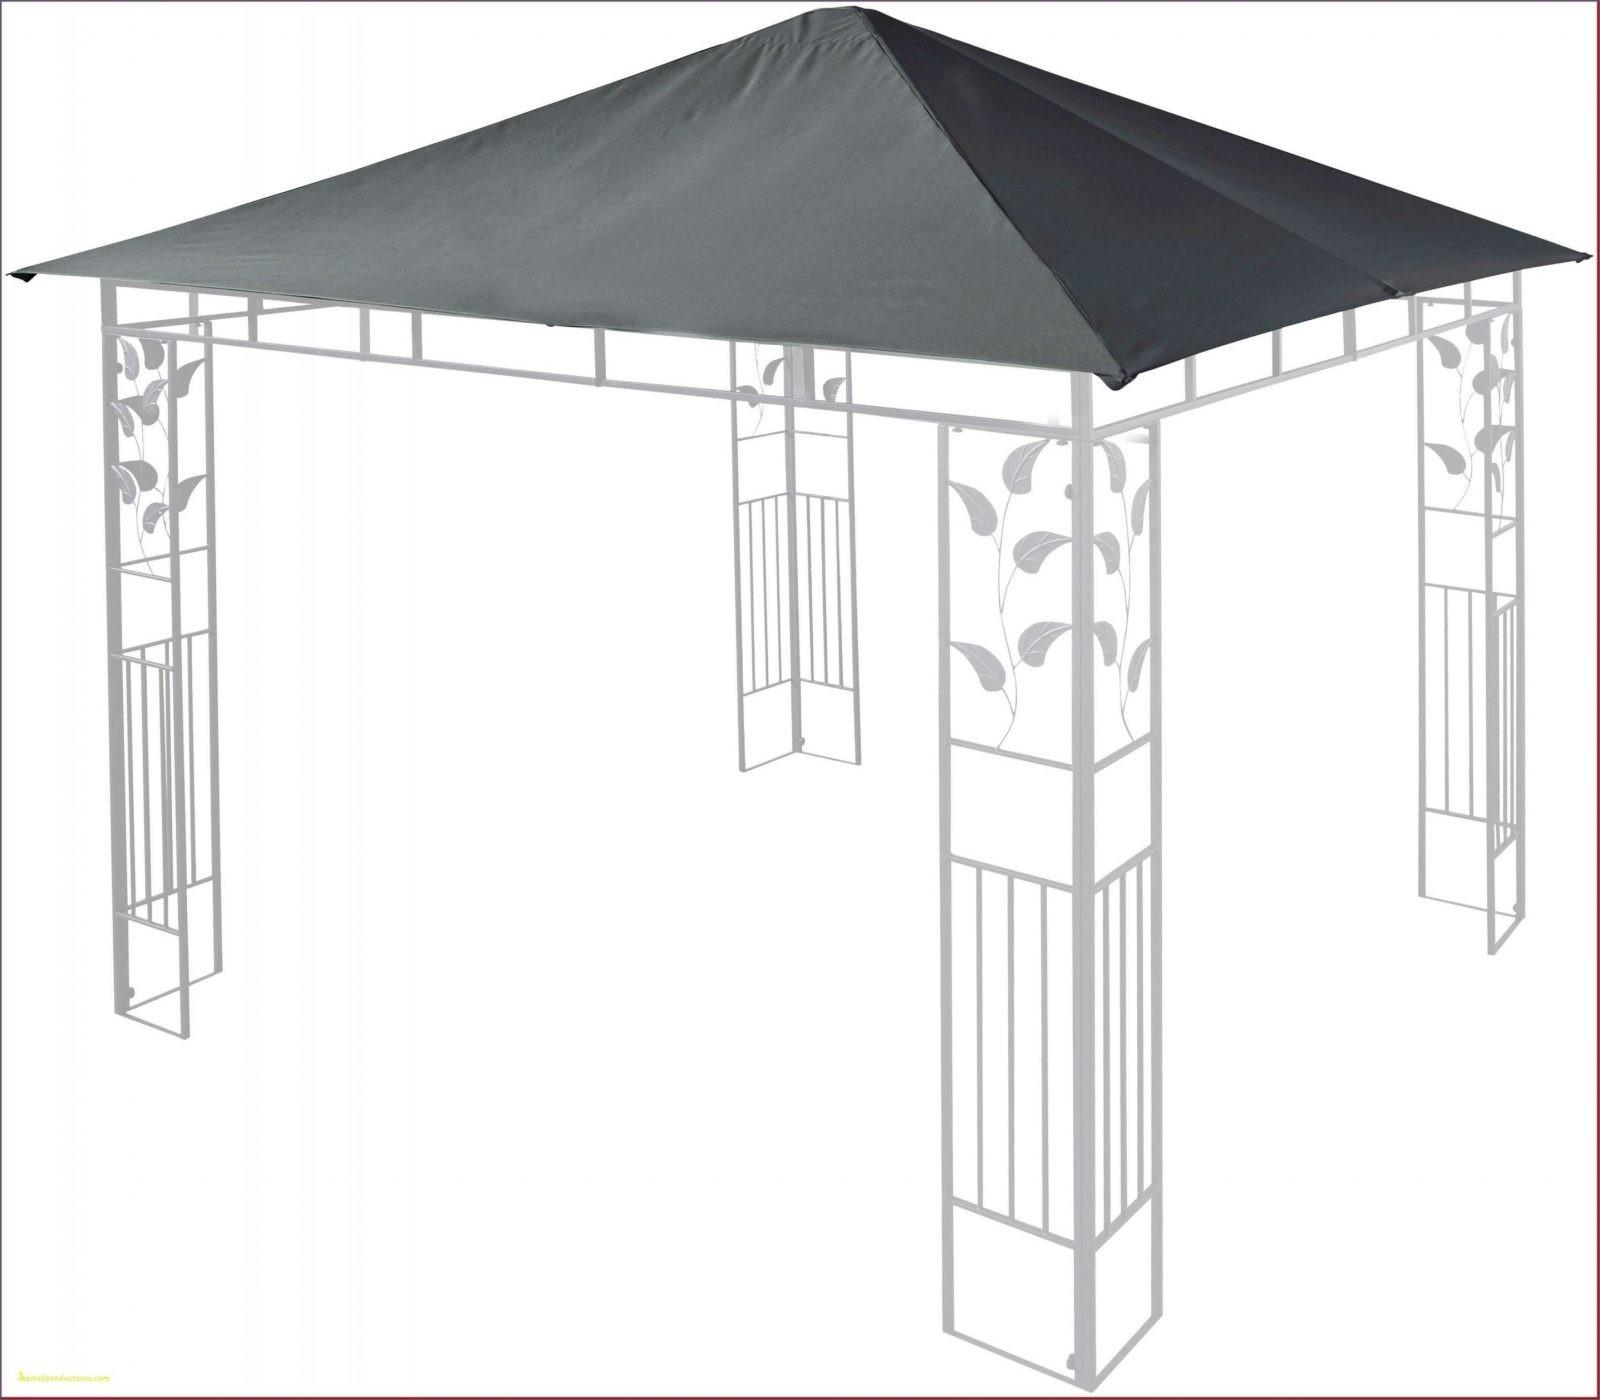 54 Tolle Für Ersatzdach Pavillon 3×3 Hornbach Konzept – Welcome To von Ersatzdach Pavillon 3X3 Hornbach Photo